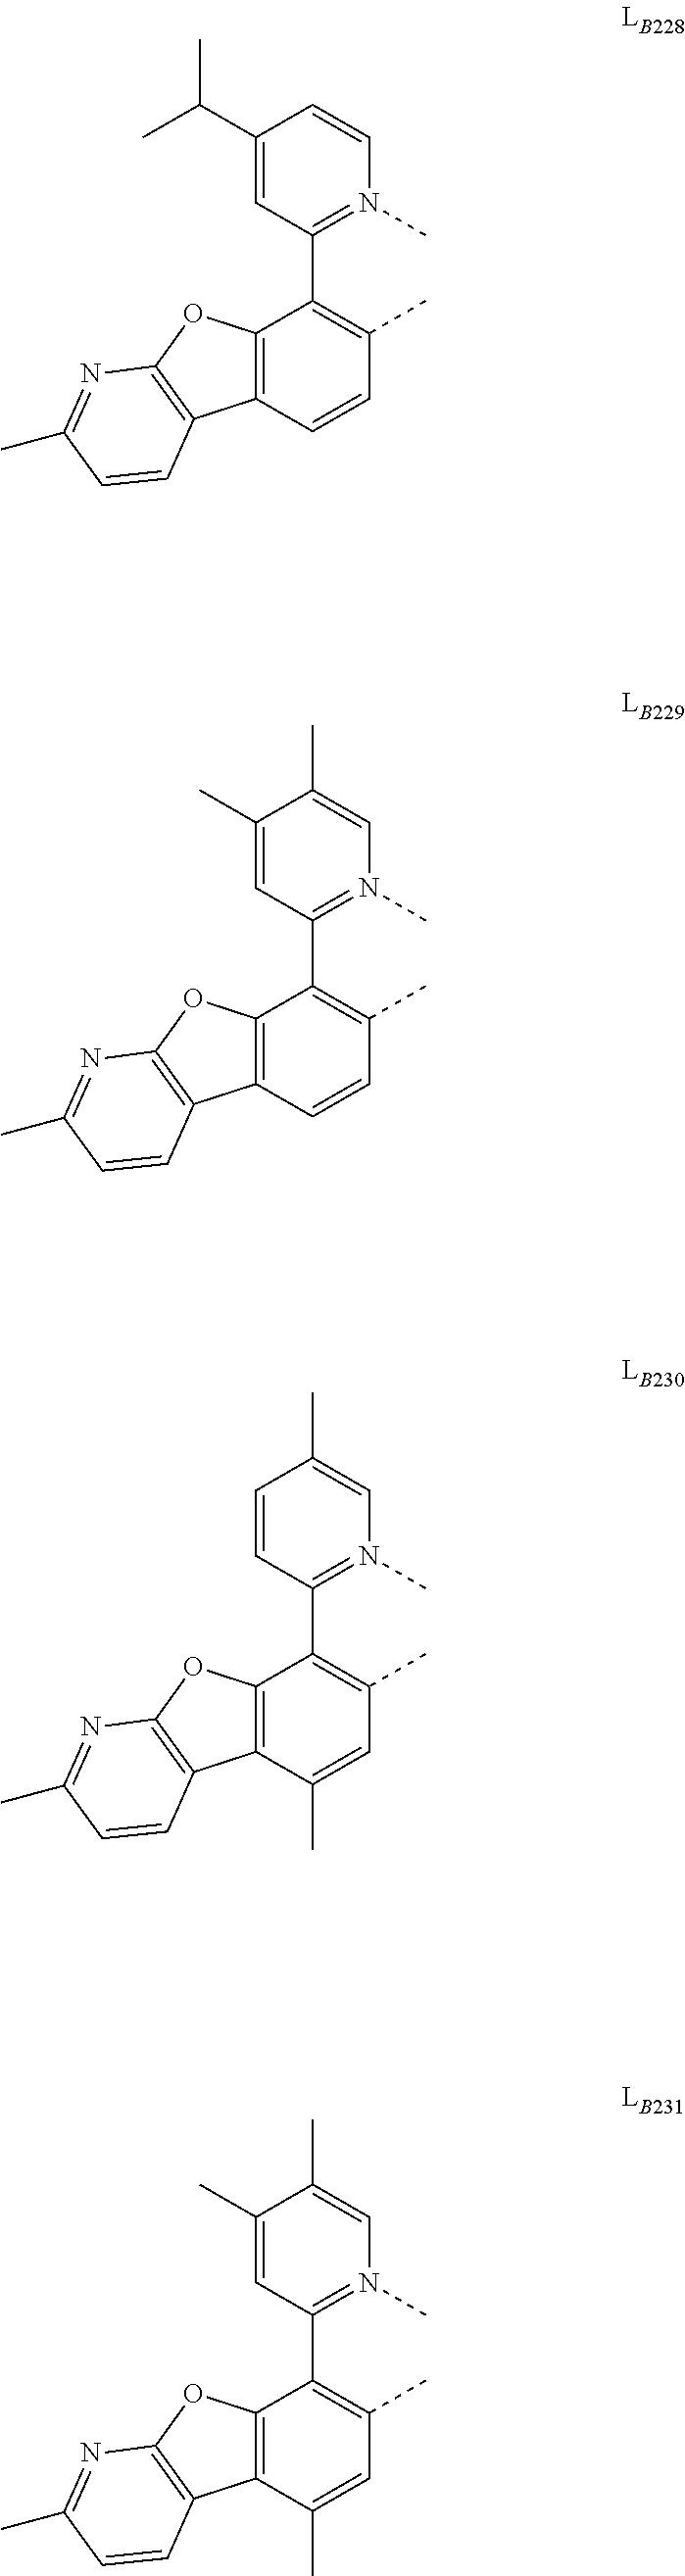 Figure US09929360-20180327-C00088